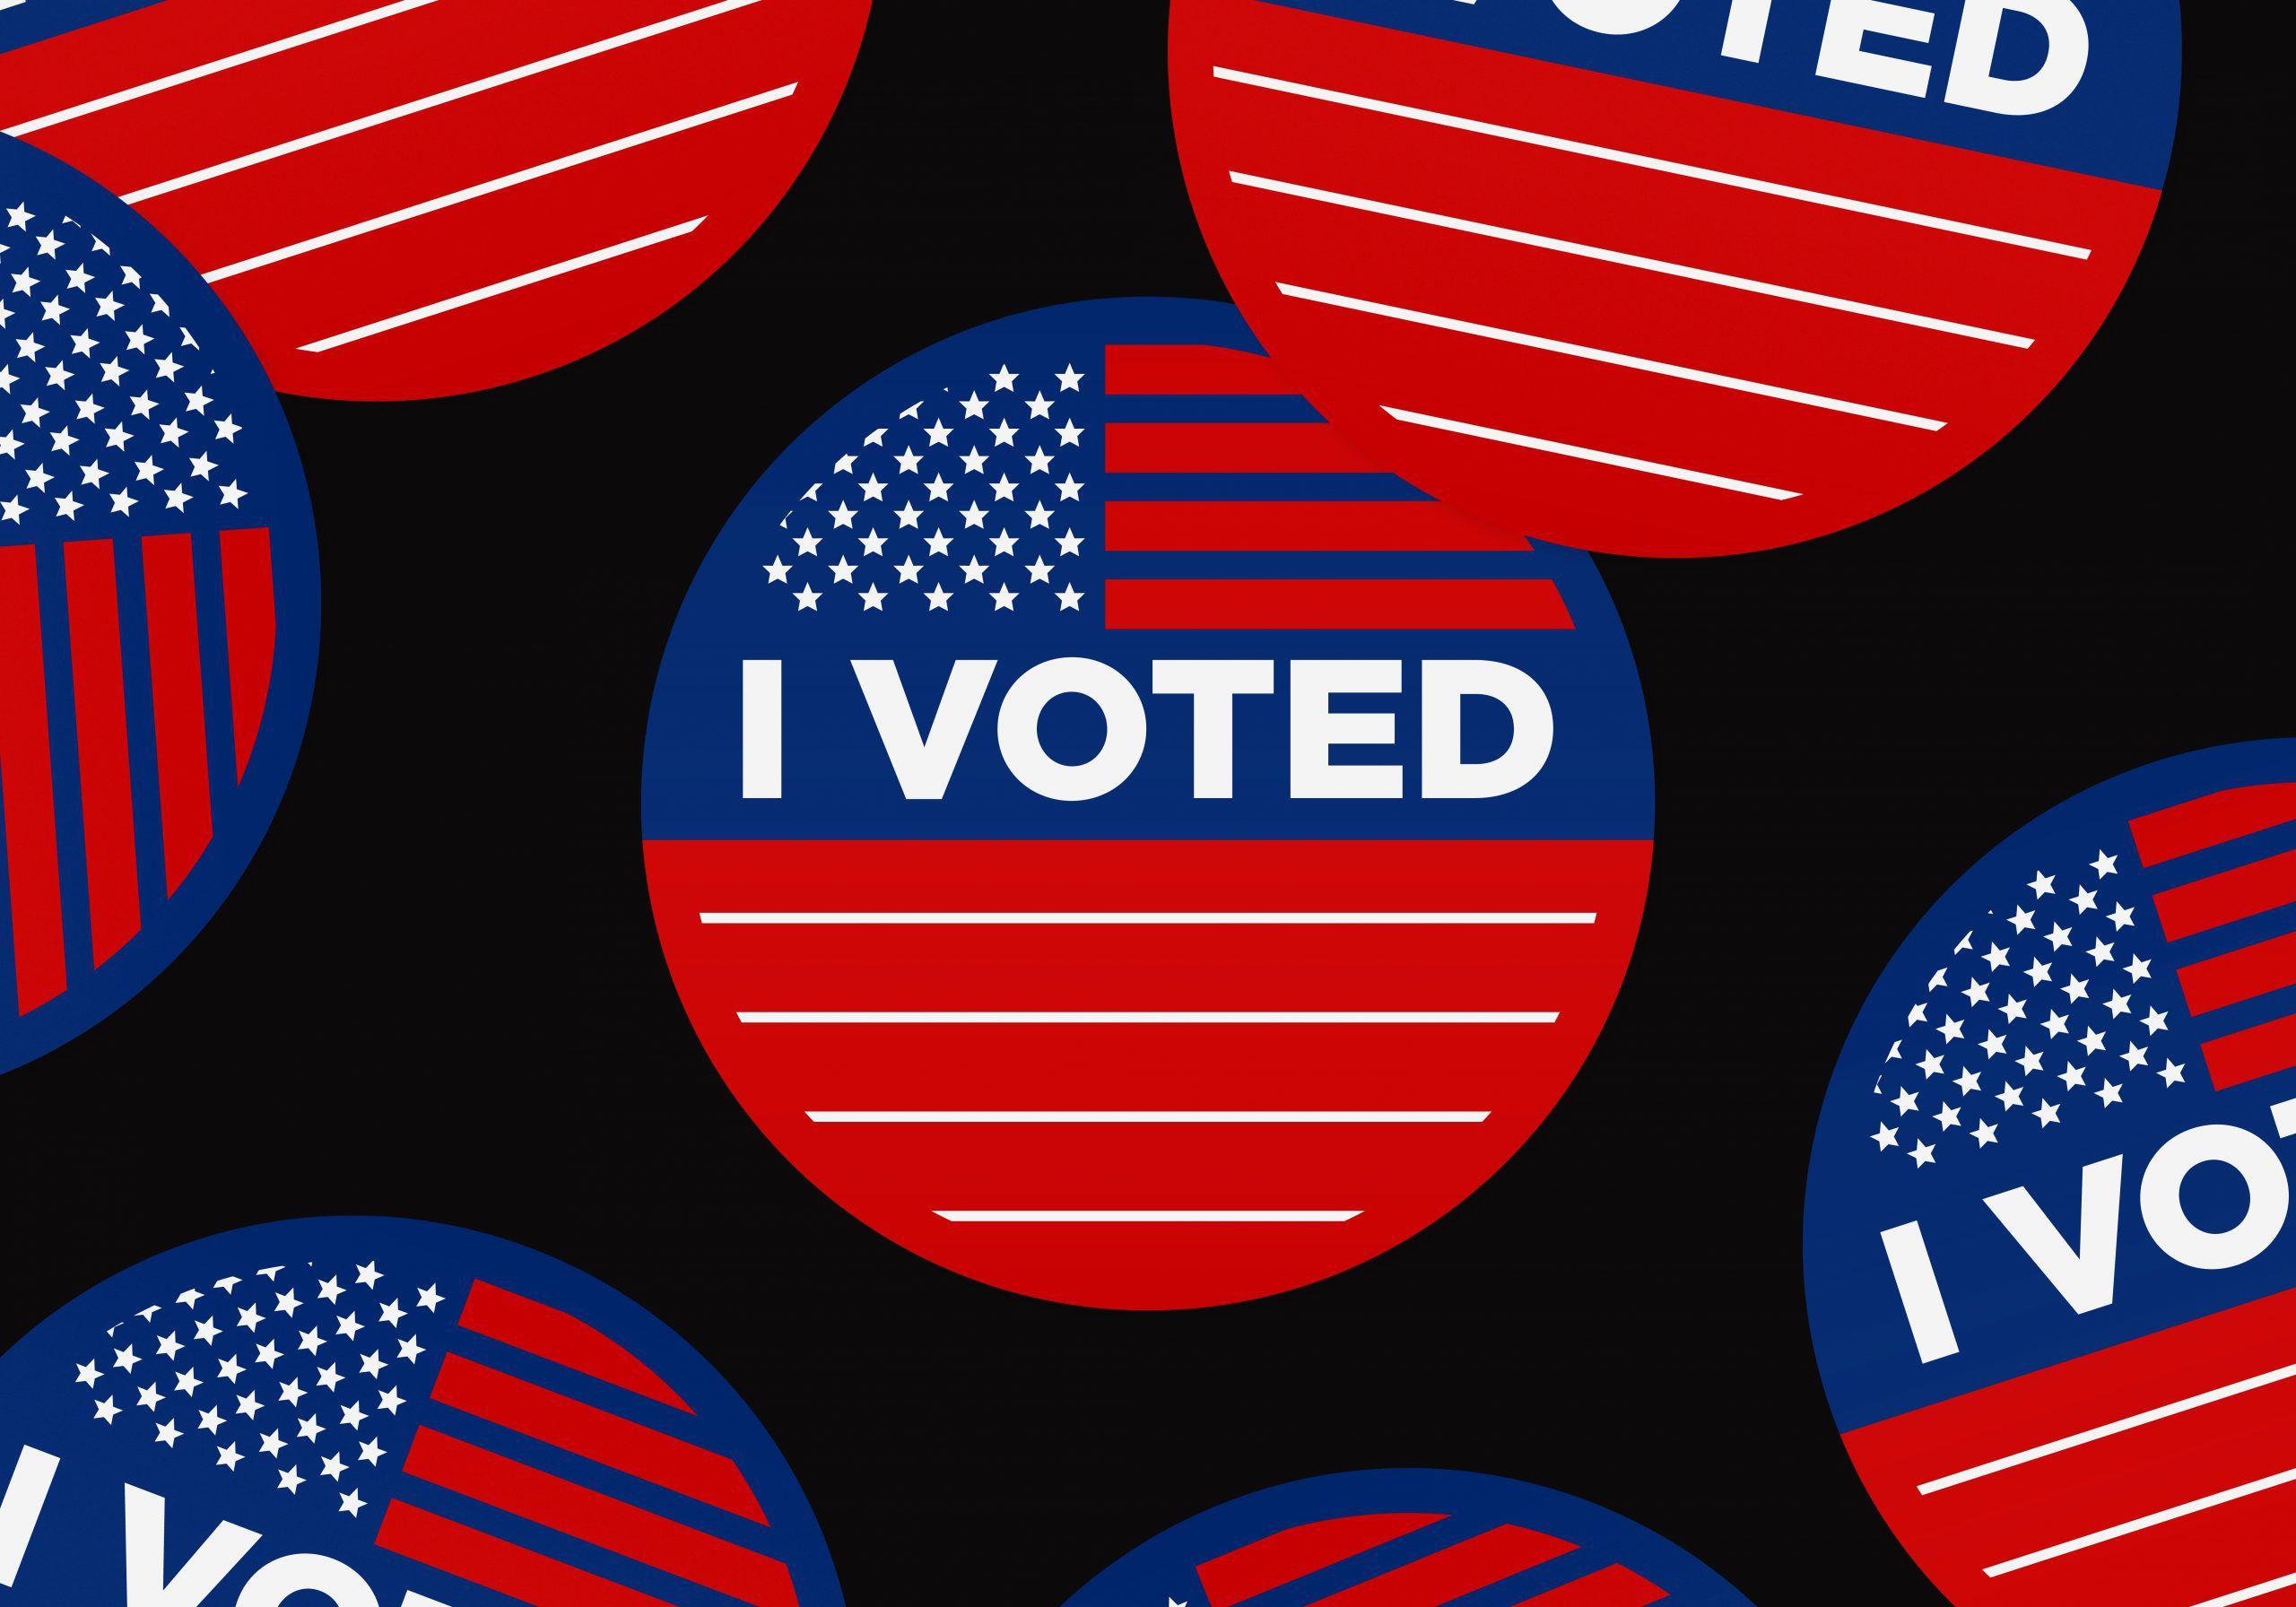 Basquetebolista LeBron James cria associação para promover voto de afro-americanos